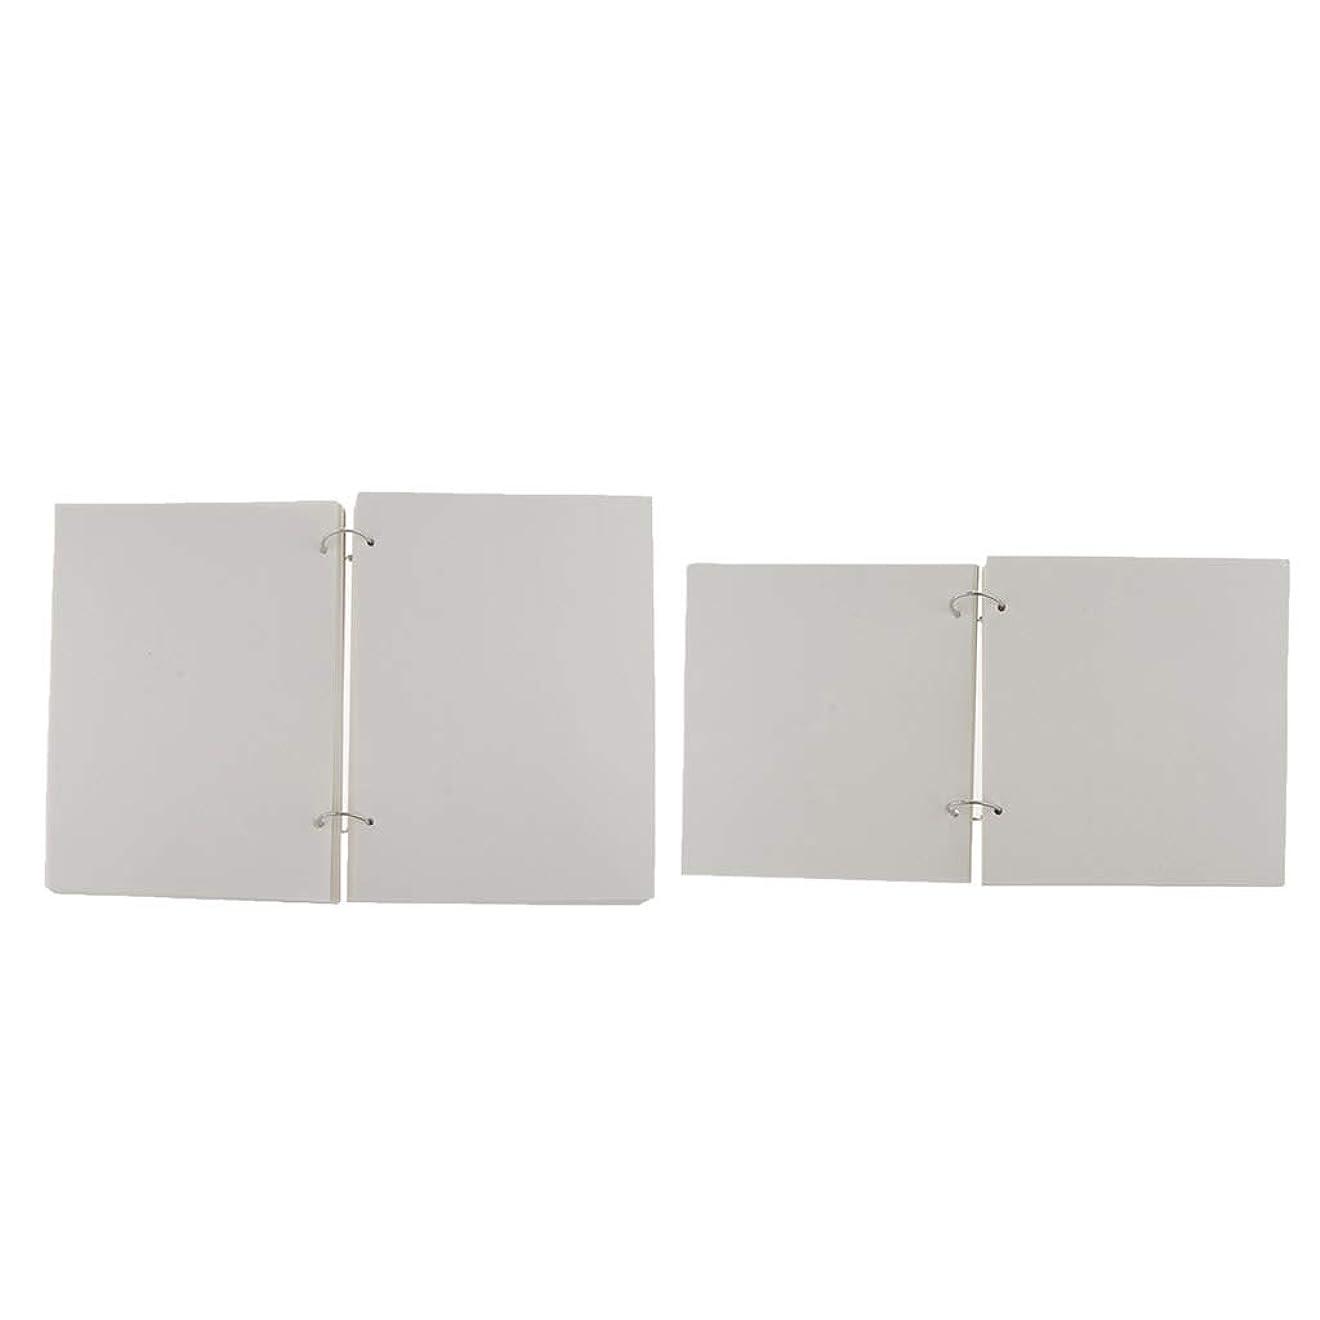 最小化する疲れた配管工Baoblaze 2個入り スケッチブック A4 画用紙 2冊 100枚 絵画用紙 オフィス 紙製品 画材 ホワイト